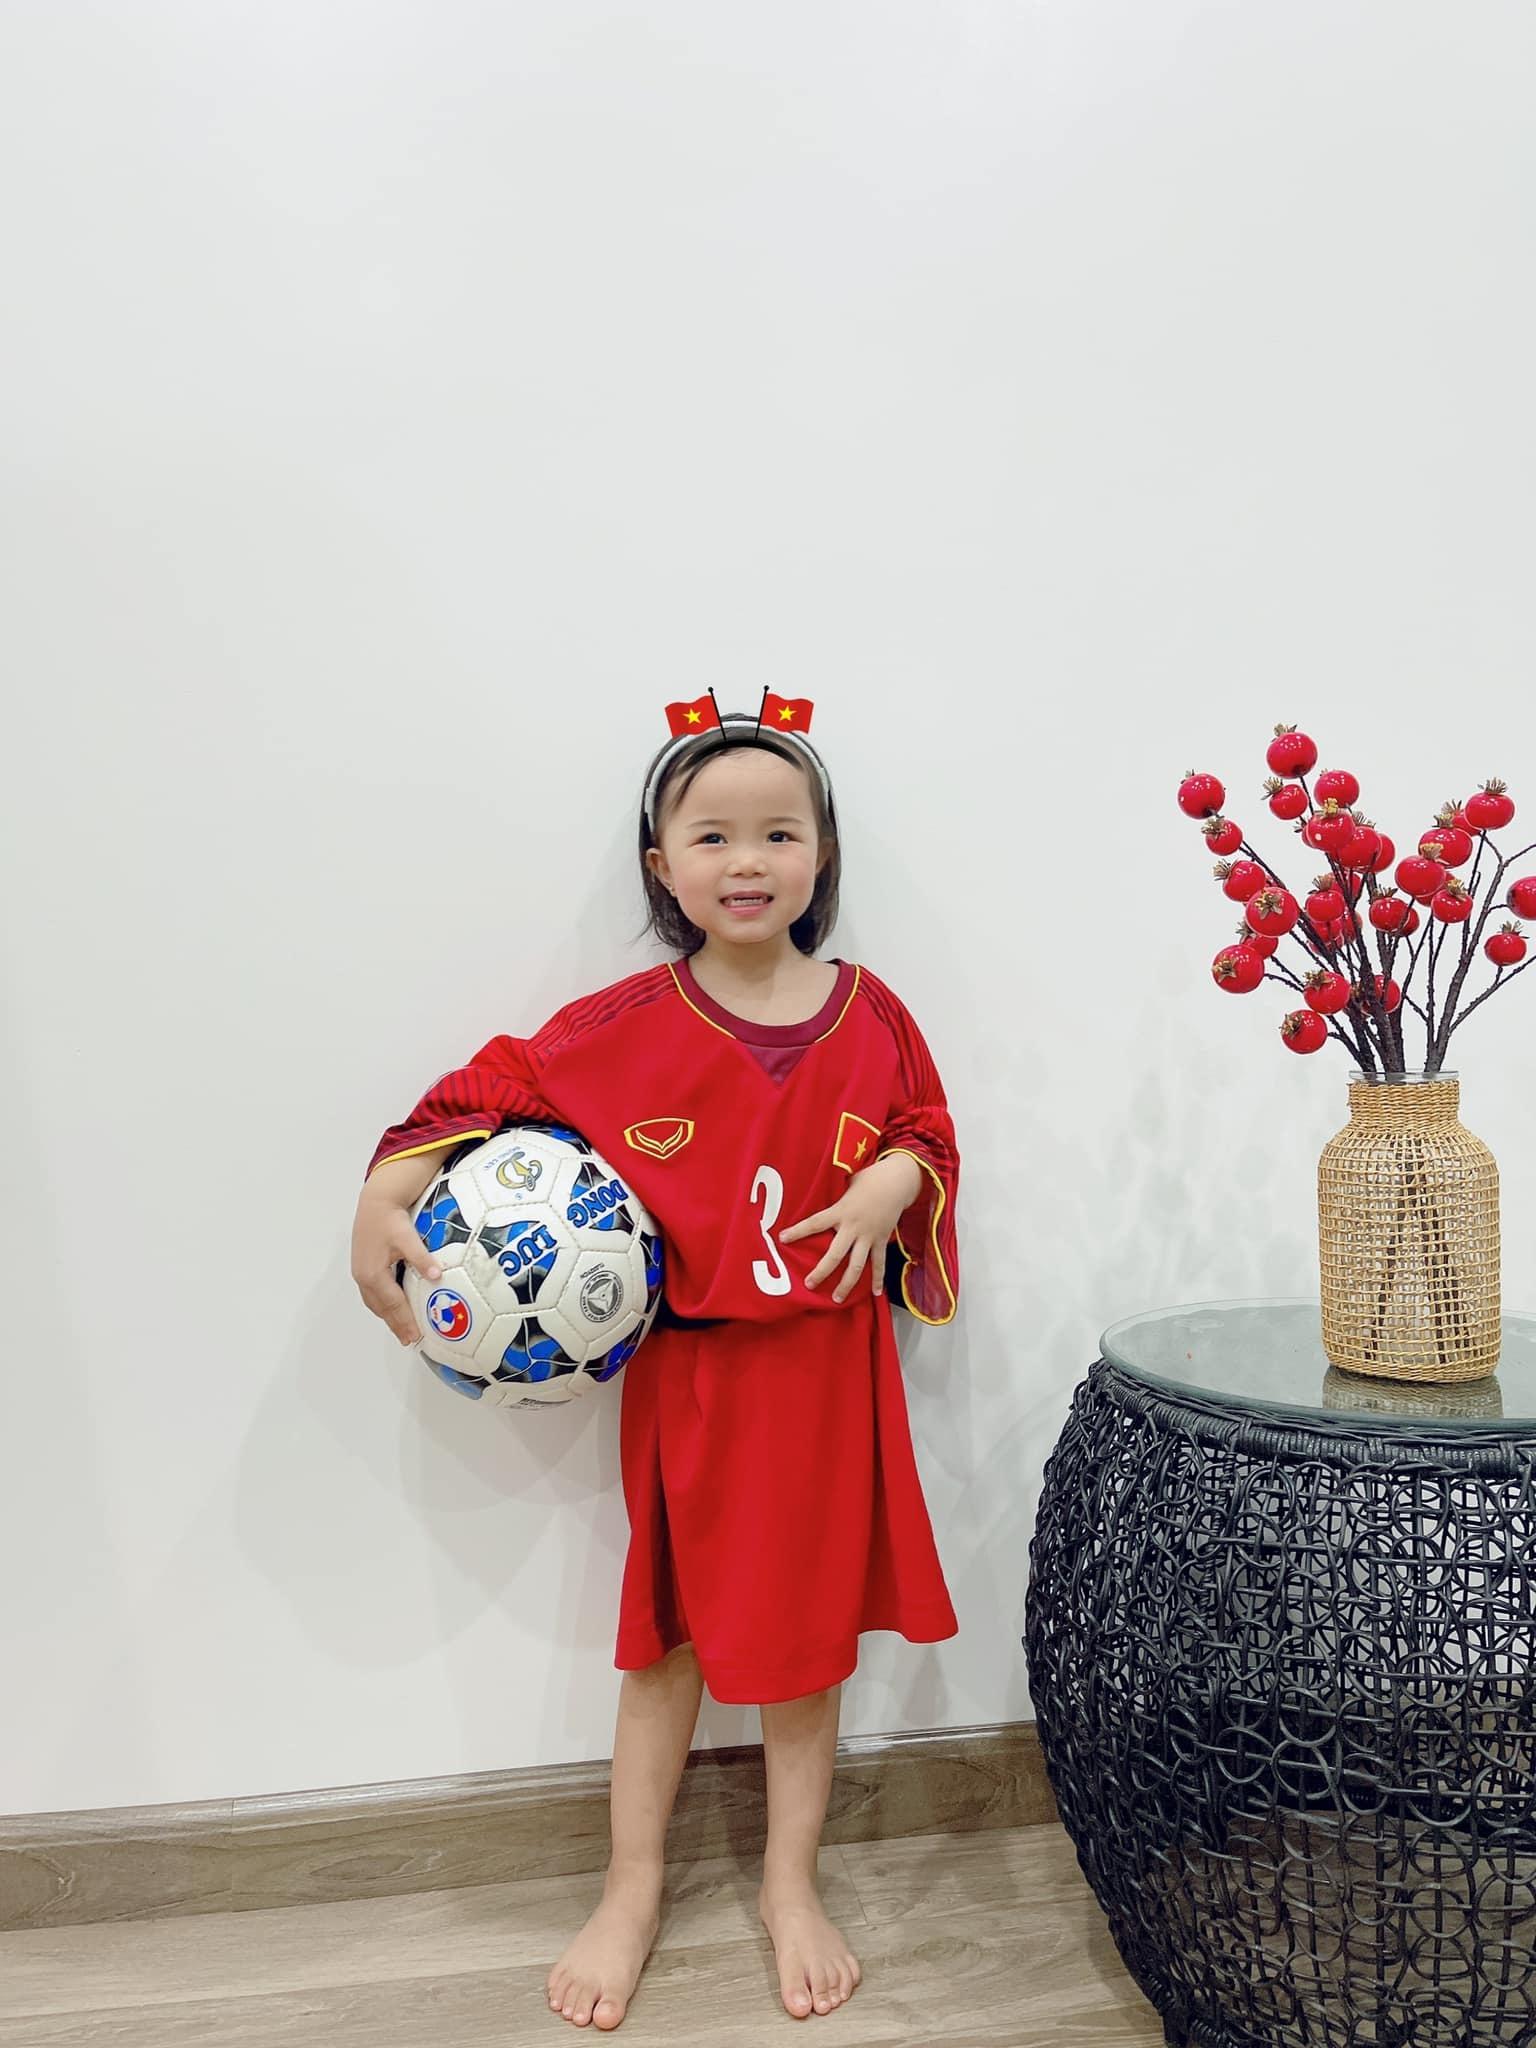 Trung vệ Quế Ngọc Hải,con gái Quế Ngọc Hải,giọng xứ Nghệ,đội tuyển Việt Nam